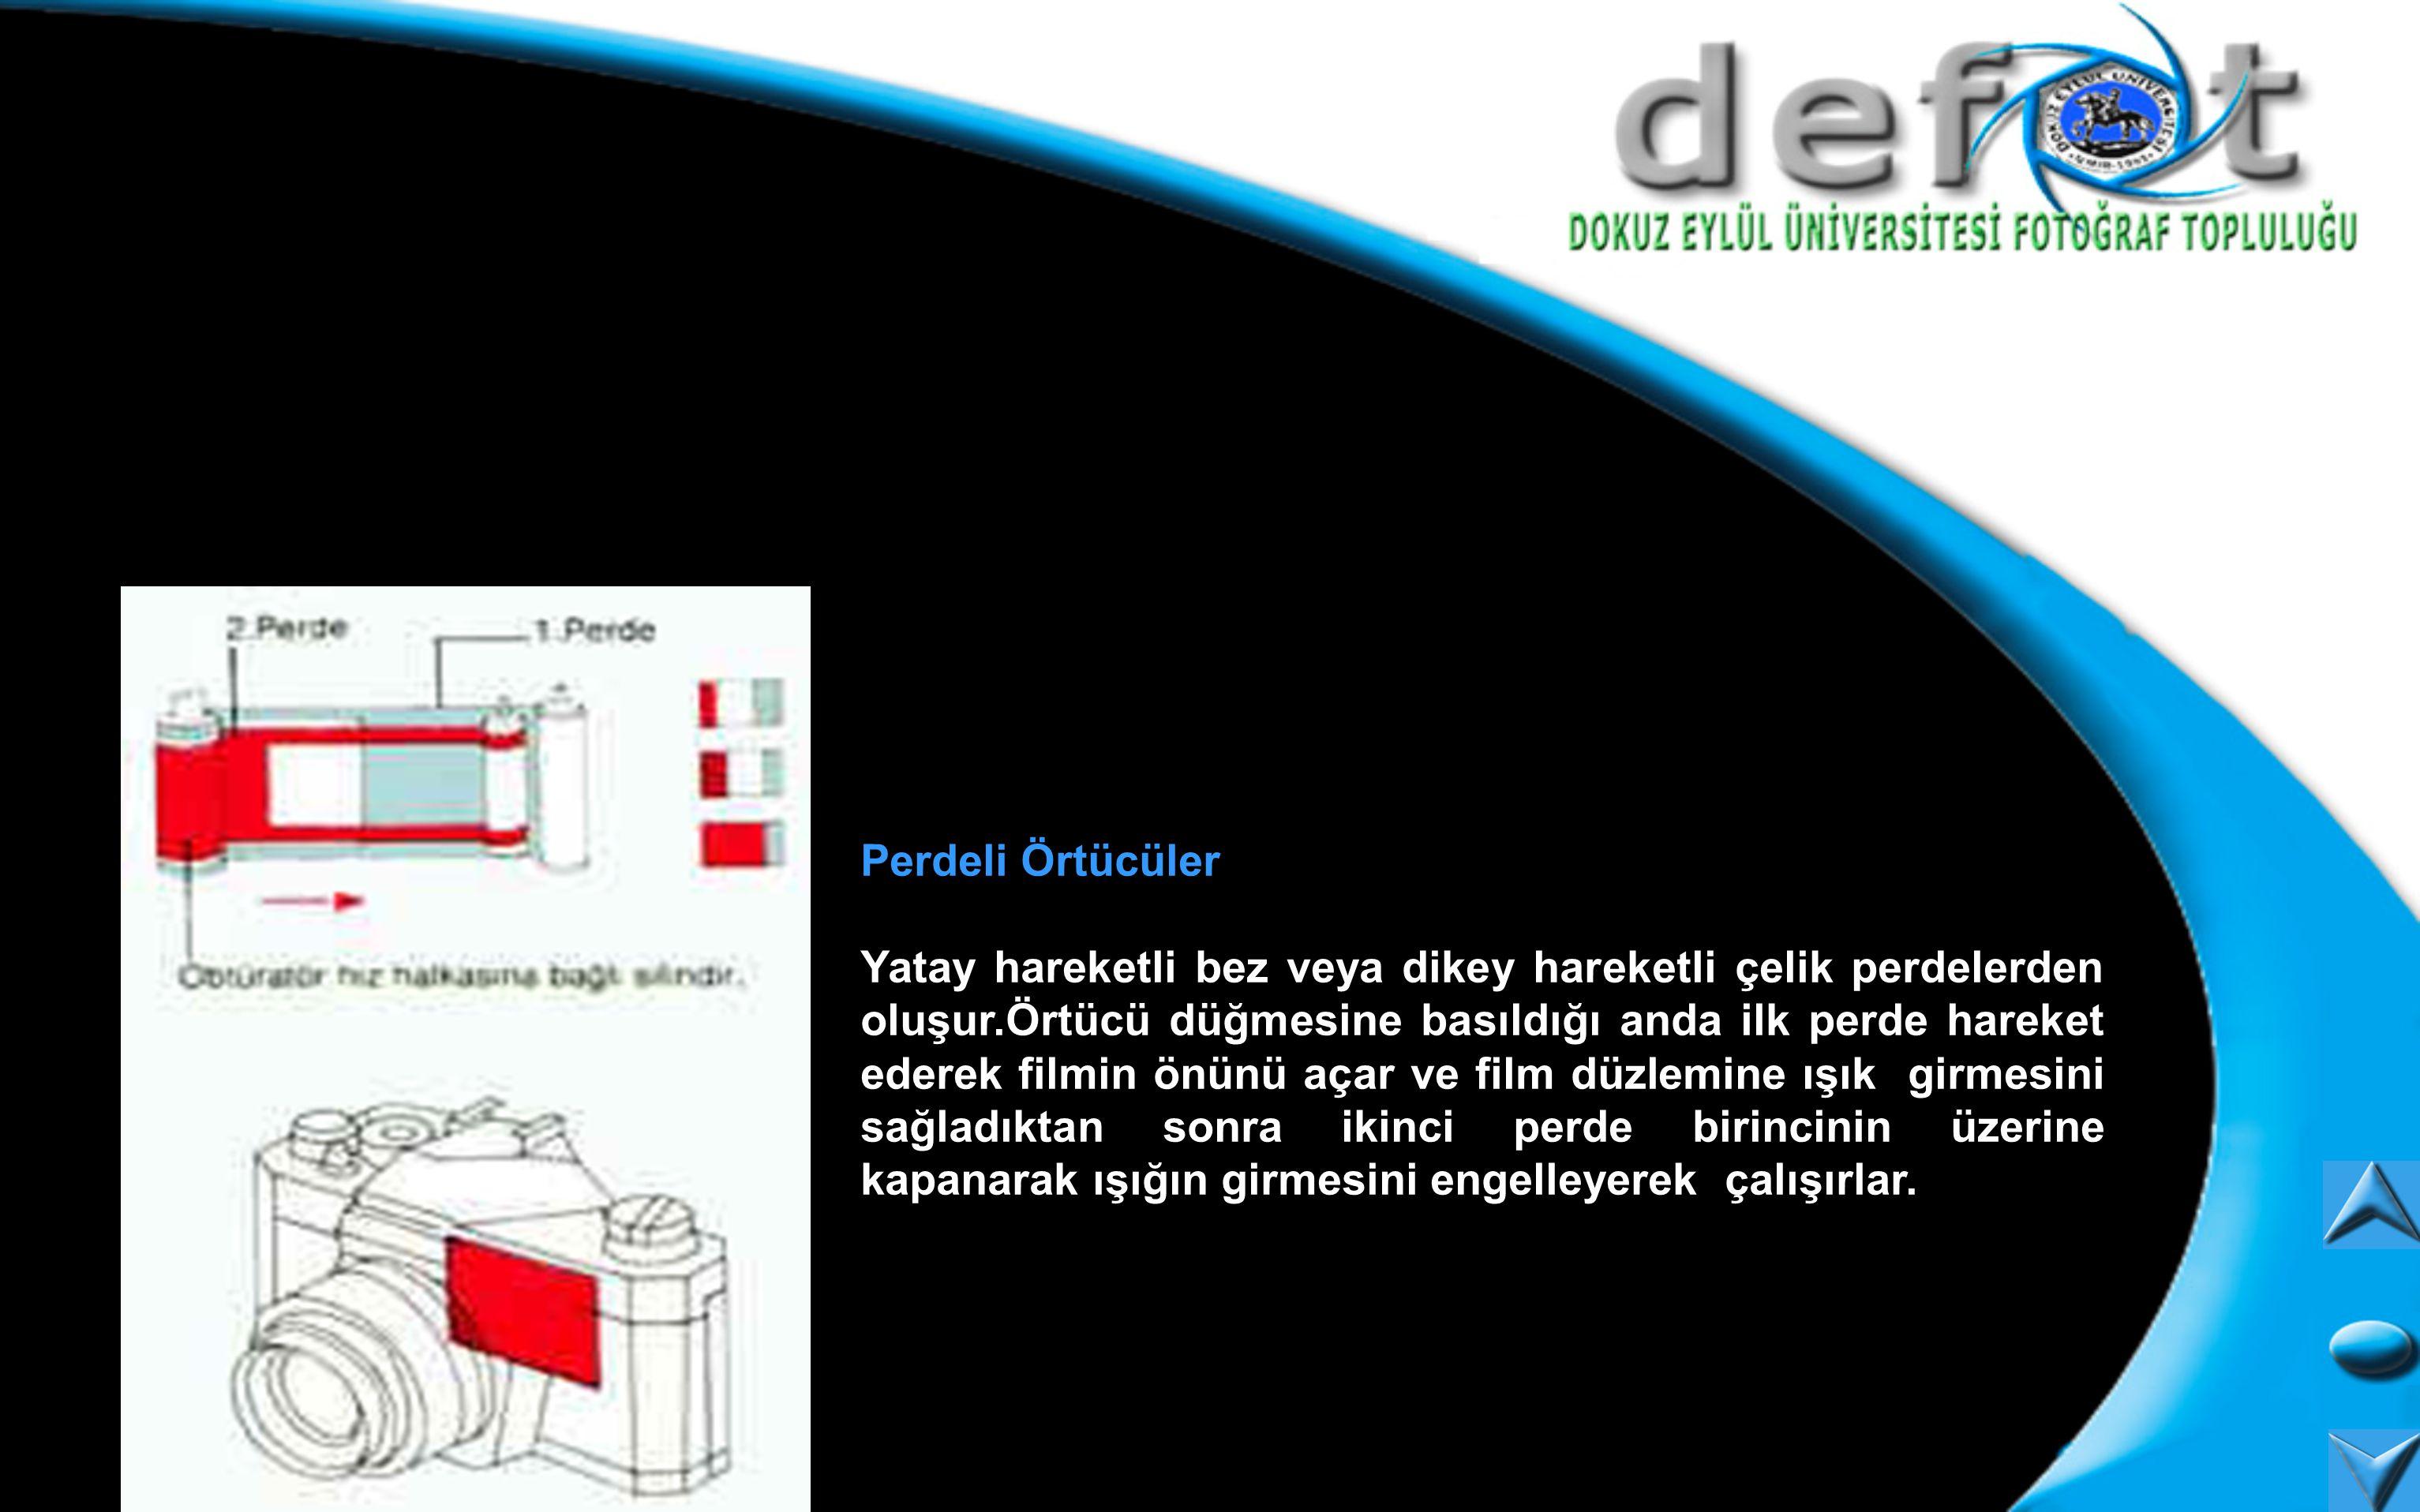 Perdeli Örtücüler Yatay hareketli bez veya dikey hareketli çelik perdelerden oluşur.Örtücü düğmesine basıldığı anda ilk perde hareket ederek filmin ön